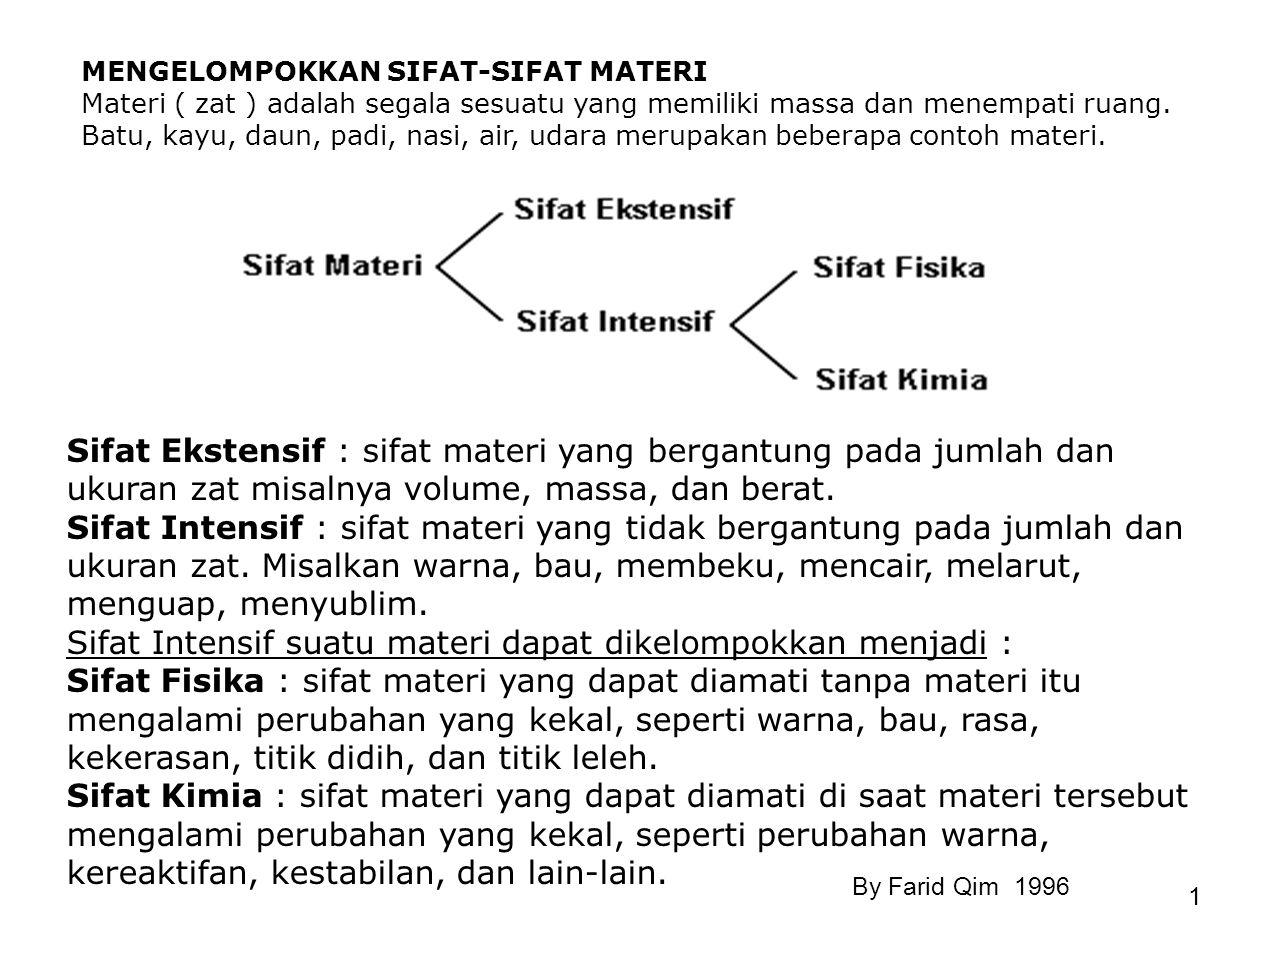 Sifat Intensif suatu materi dapat dikelompokkan menjadi :